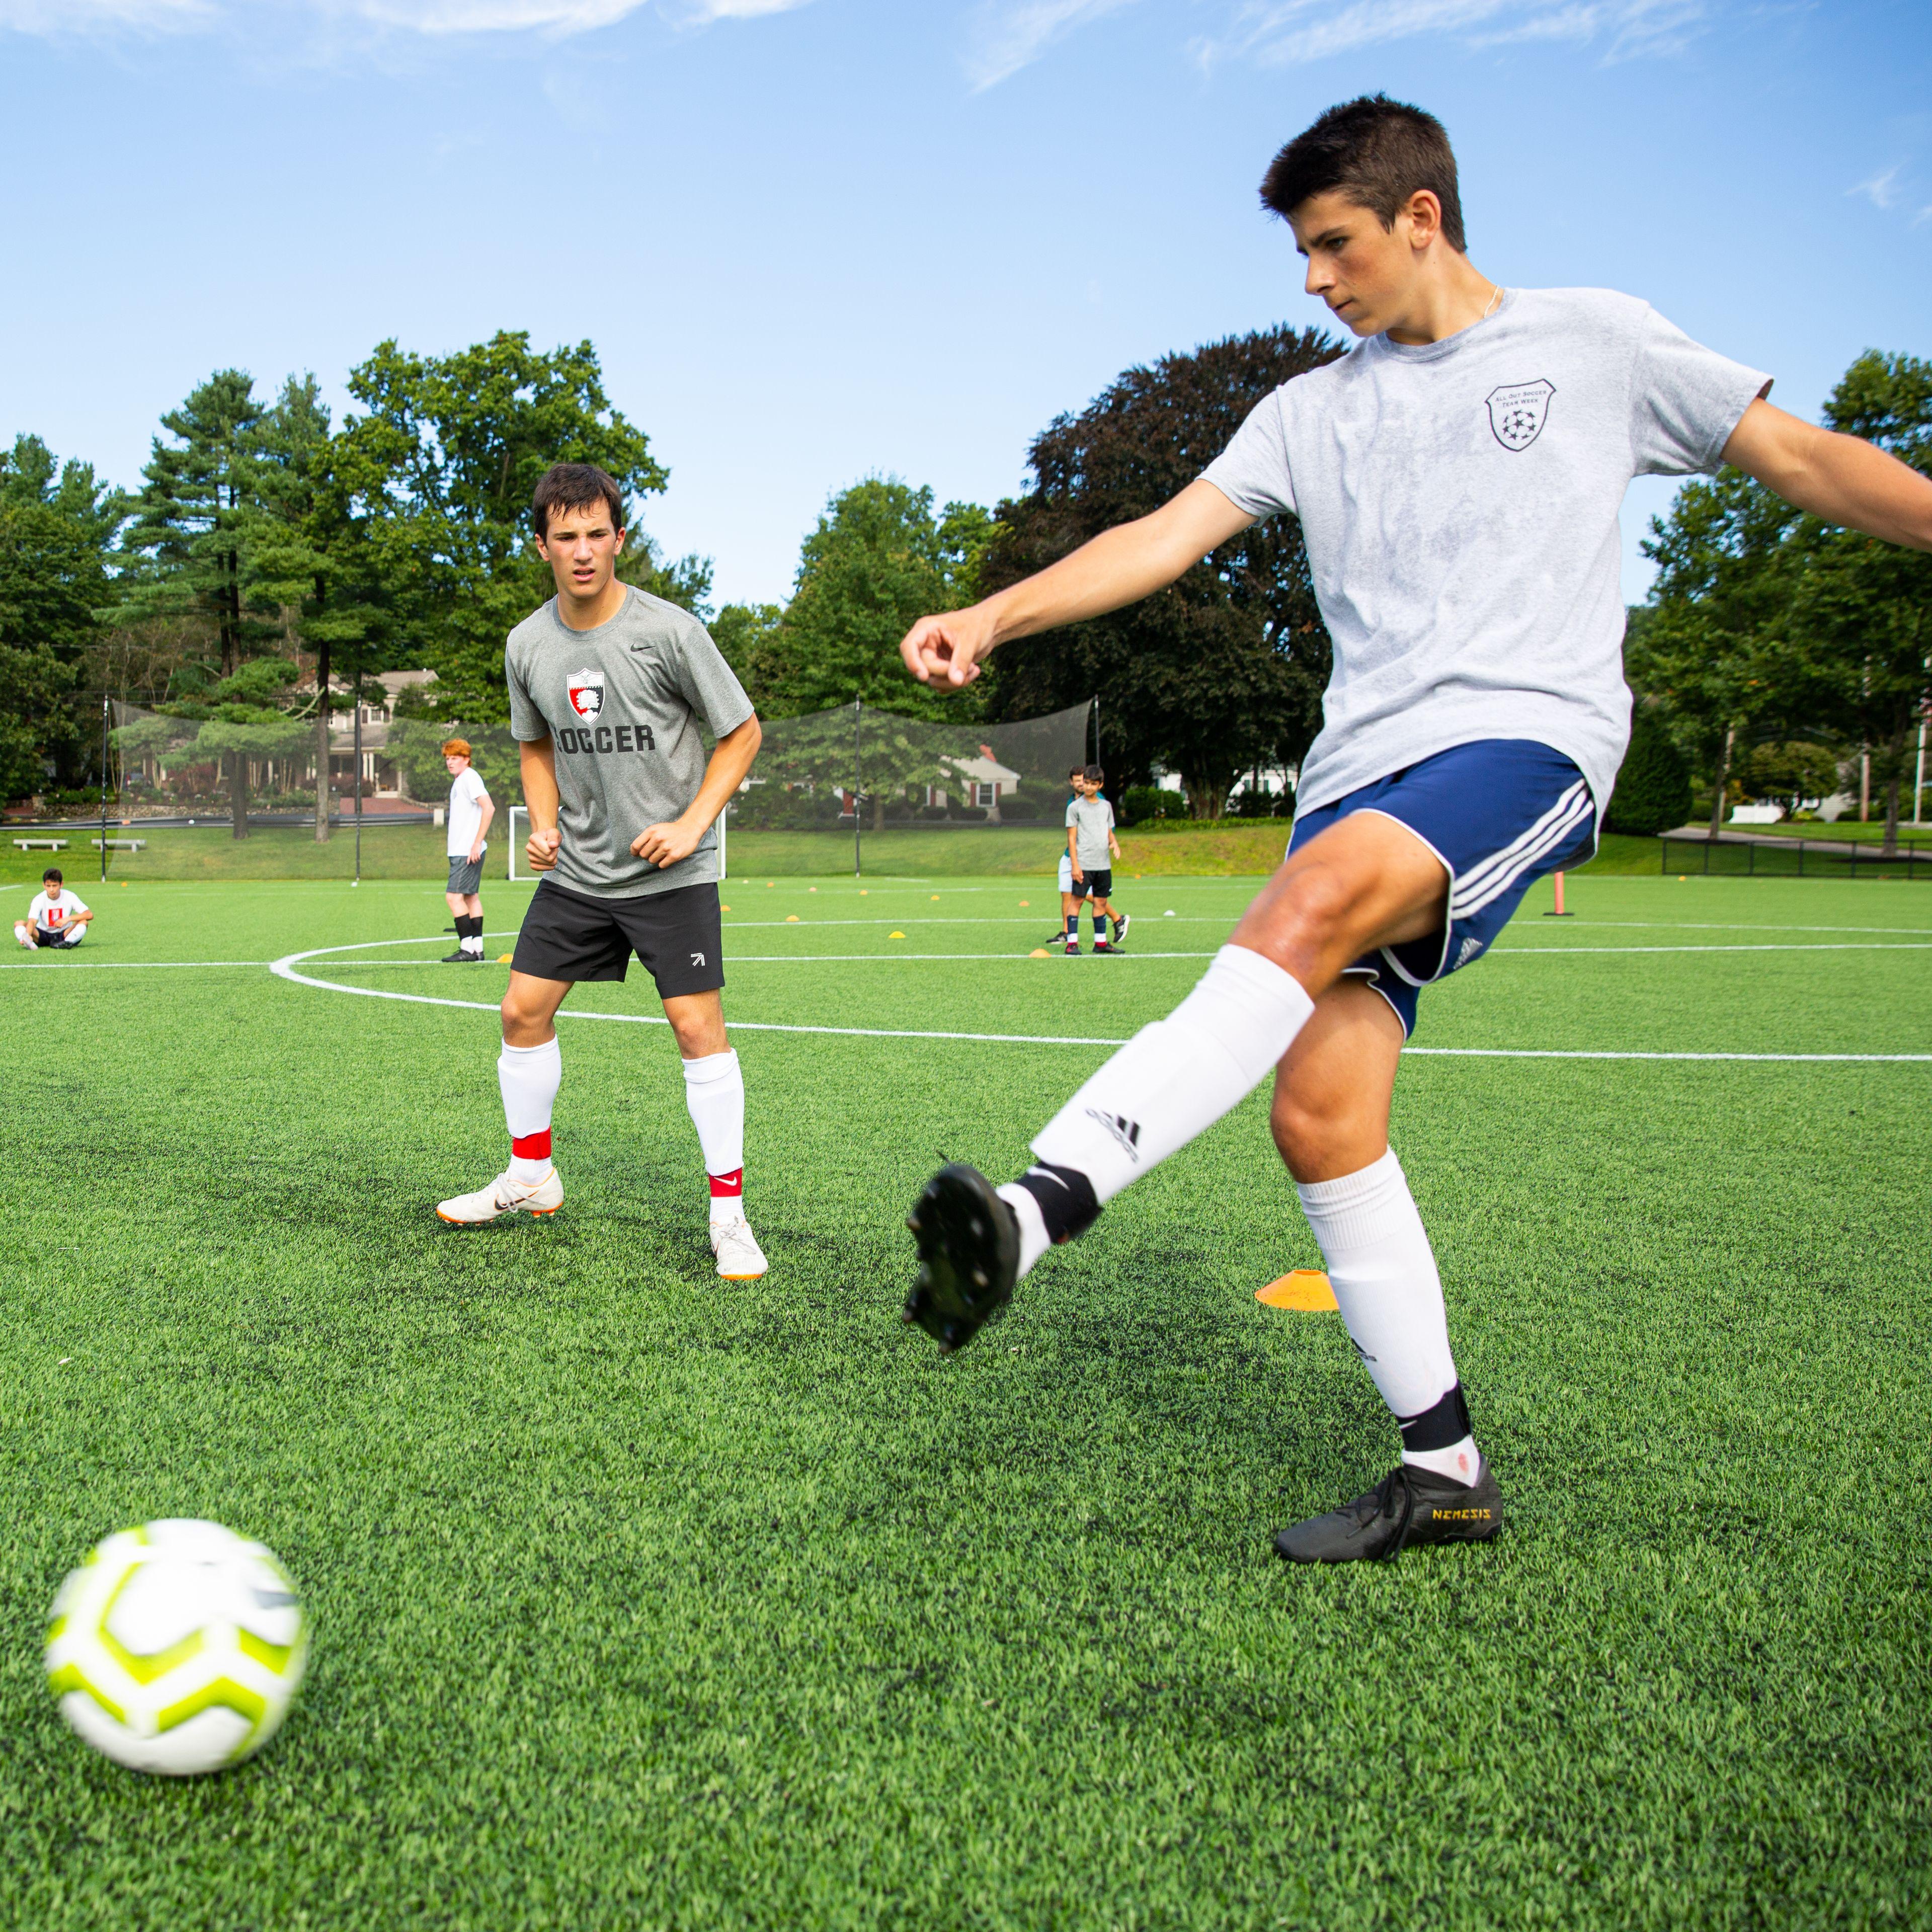 St. Sebastian's Soccer Clinic